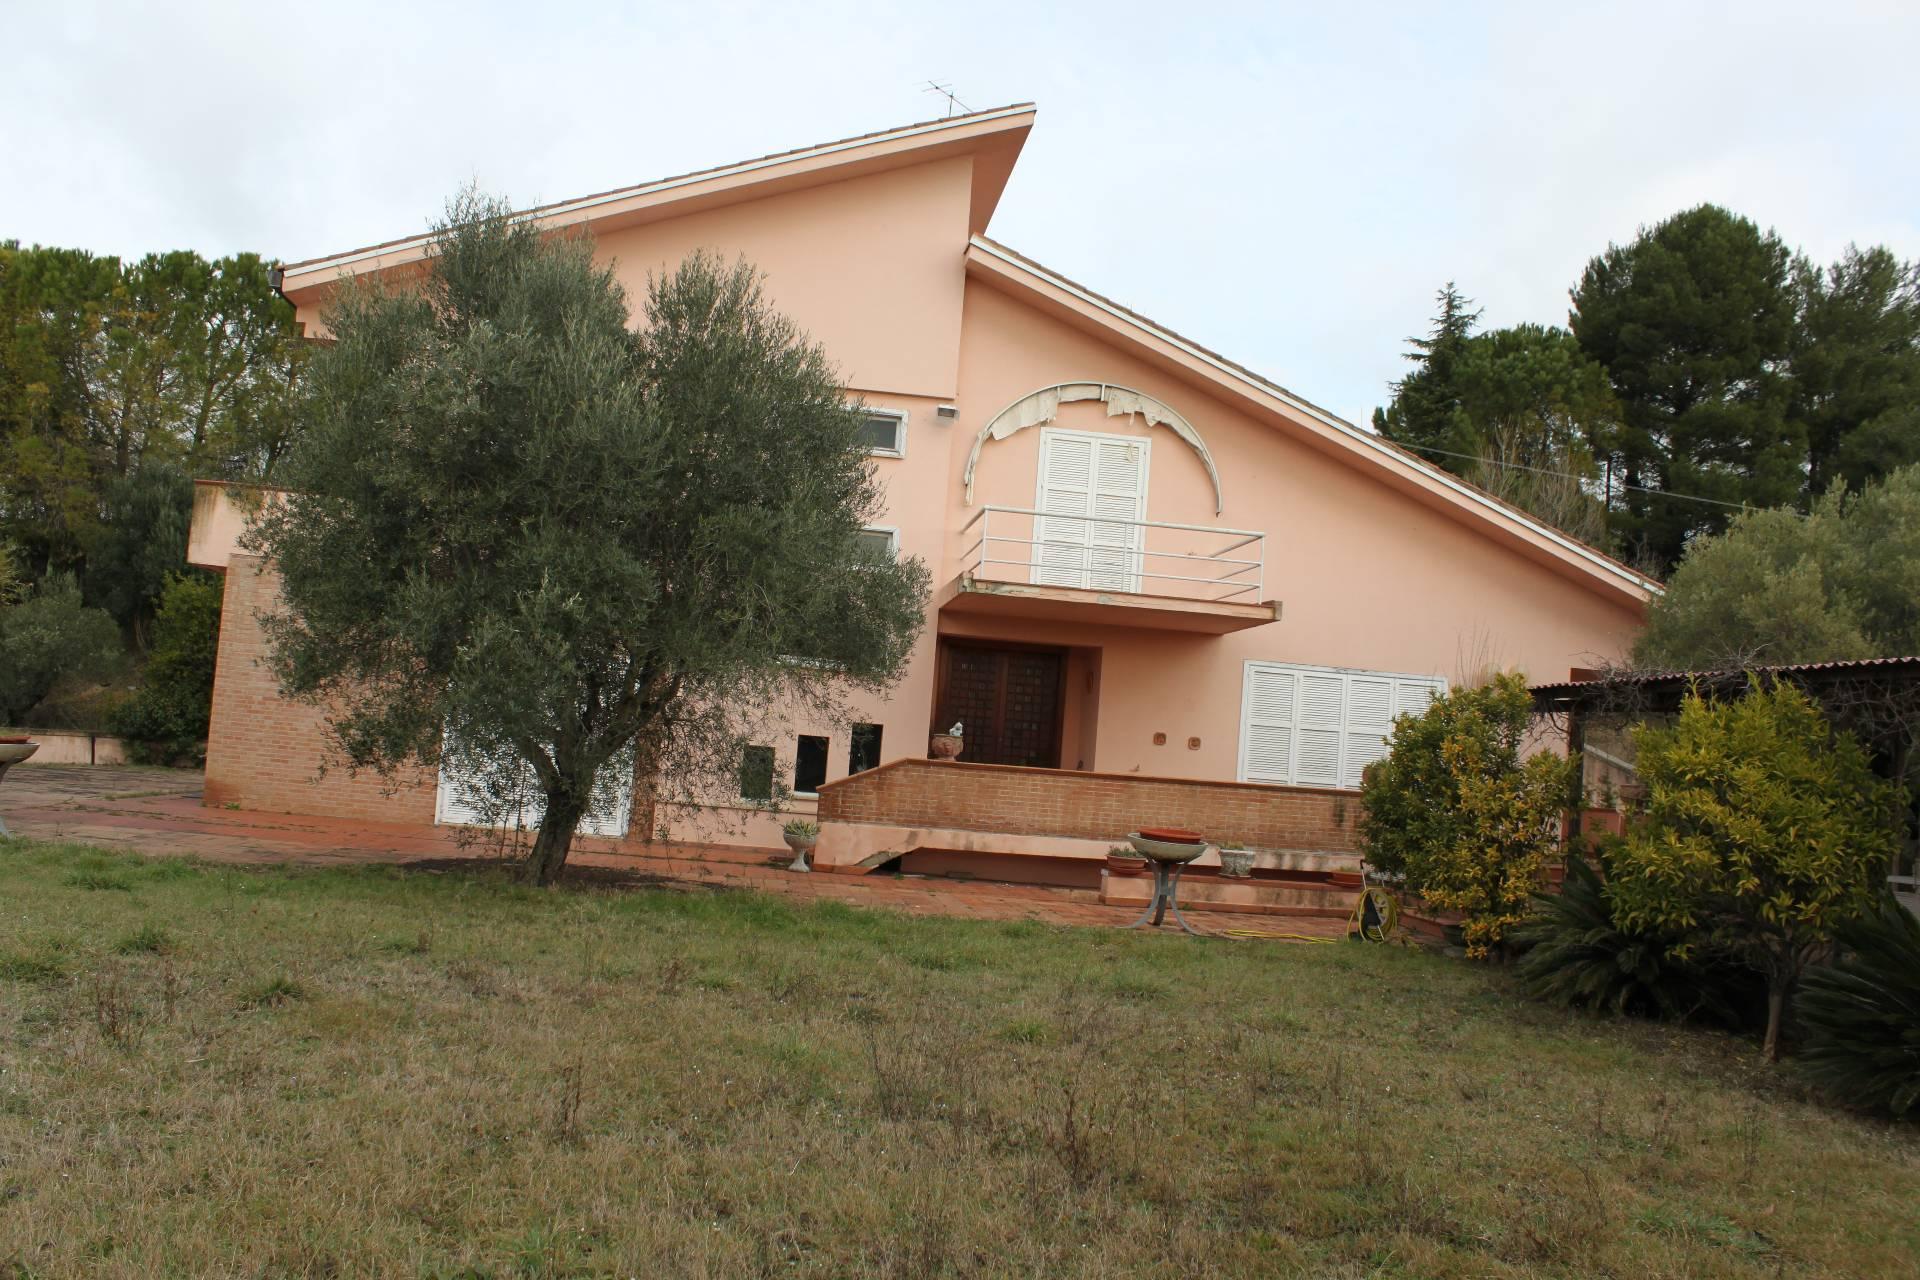 Villa in vendita a Montecassiano, 12 locali, prezzo € 400.000 | Cambio Casa.it